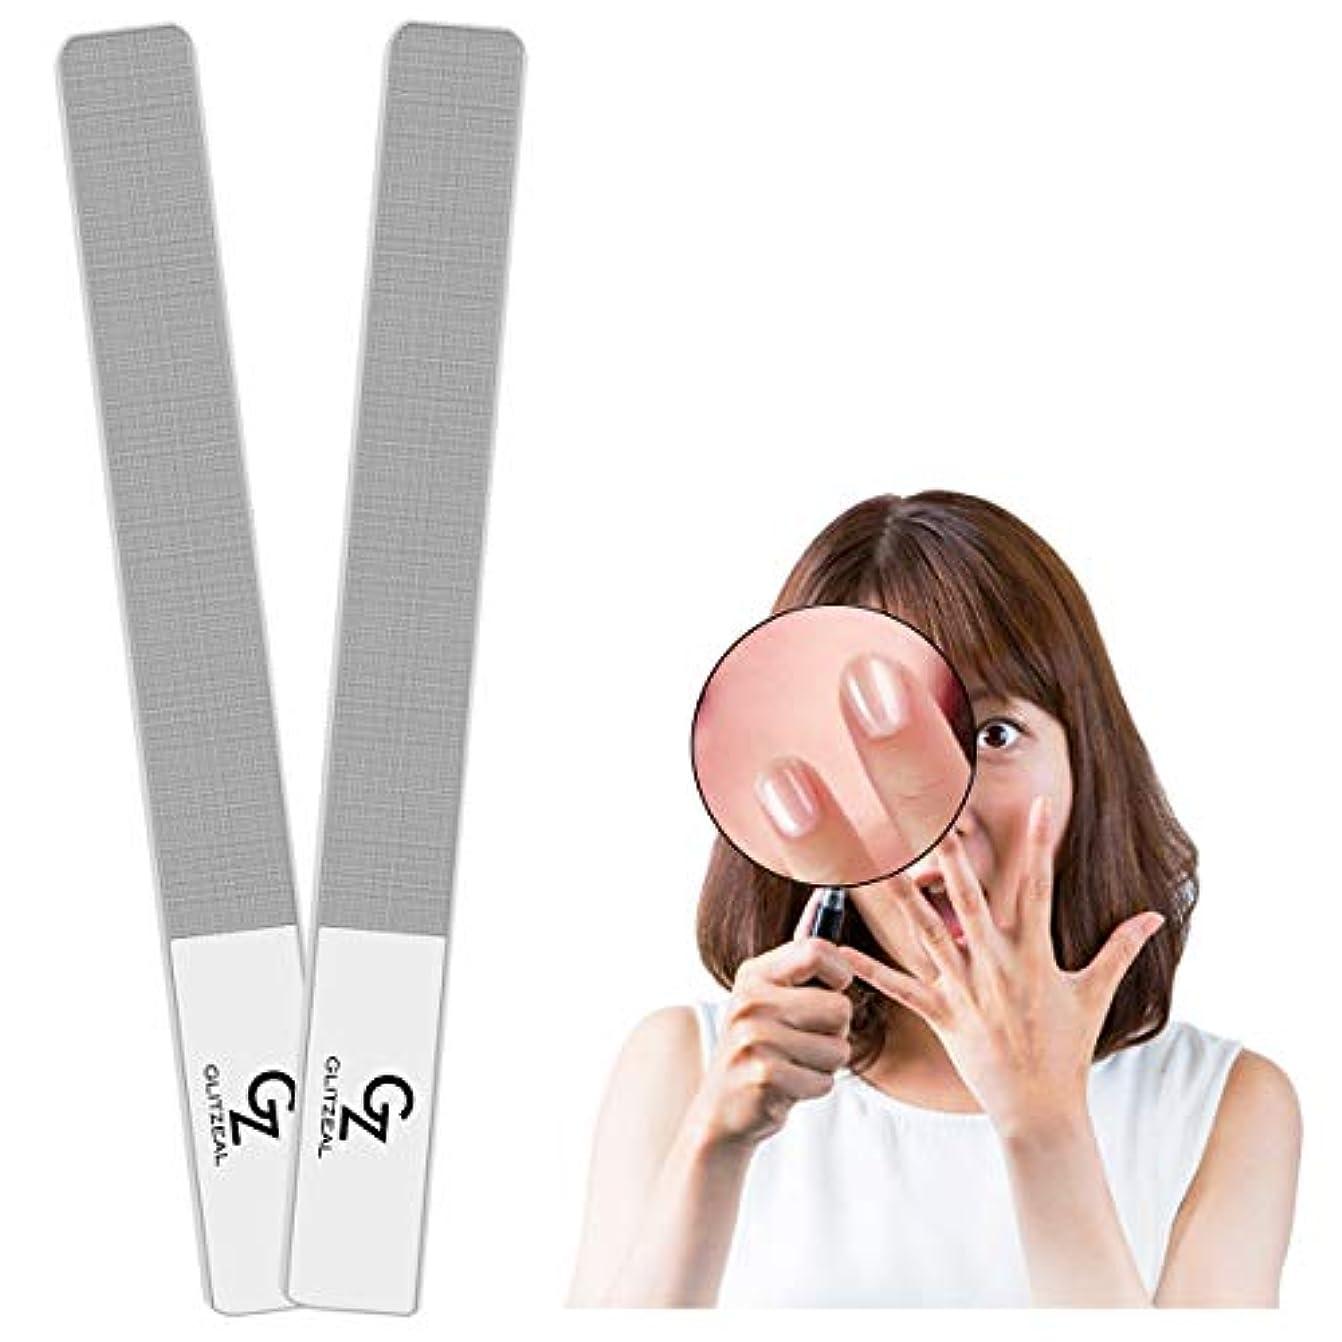 粒説教するスライム爪磨き 5セカンズシャイン ベース コート 爪 工具 ゲル ポリッシュ 爪 バッファ 自然 爪 ファイル アクリル 爪 マニキュア ペディキュア ガラス 爪 シャイナー